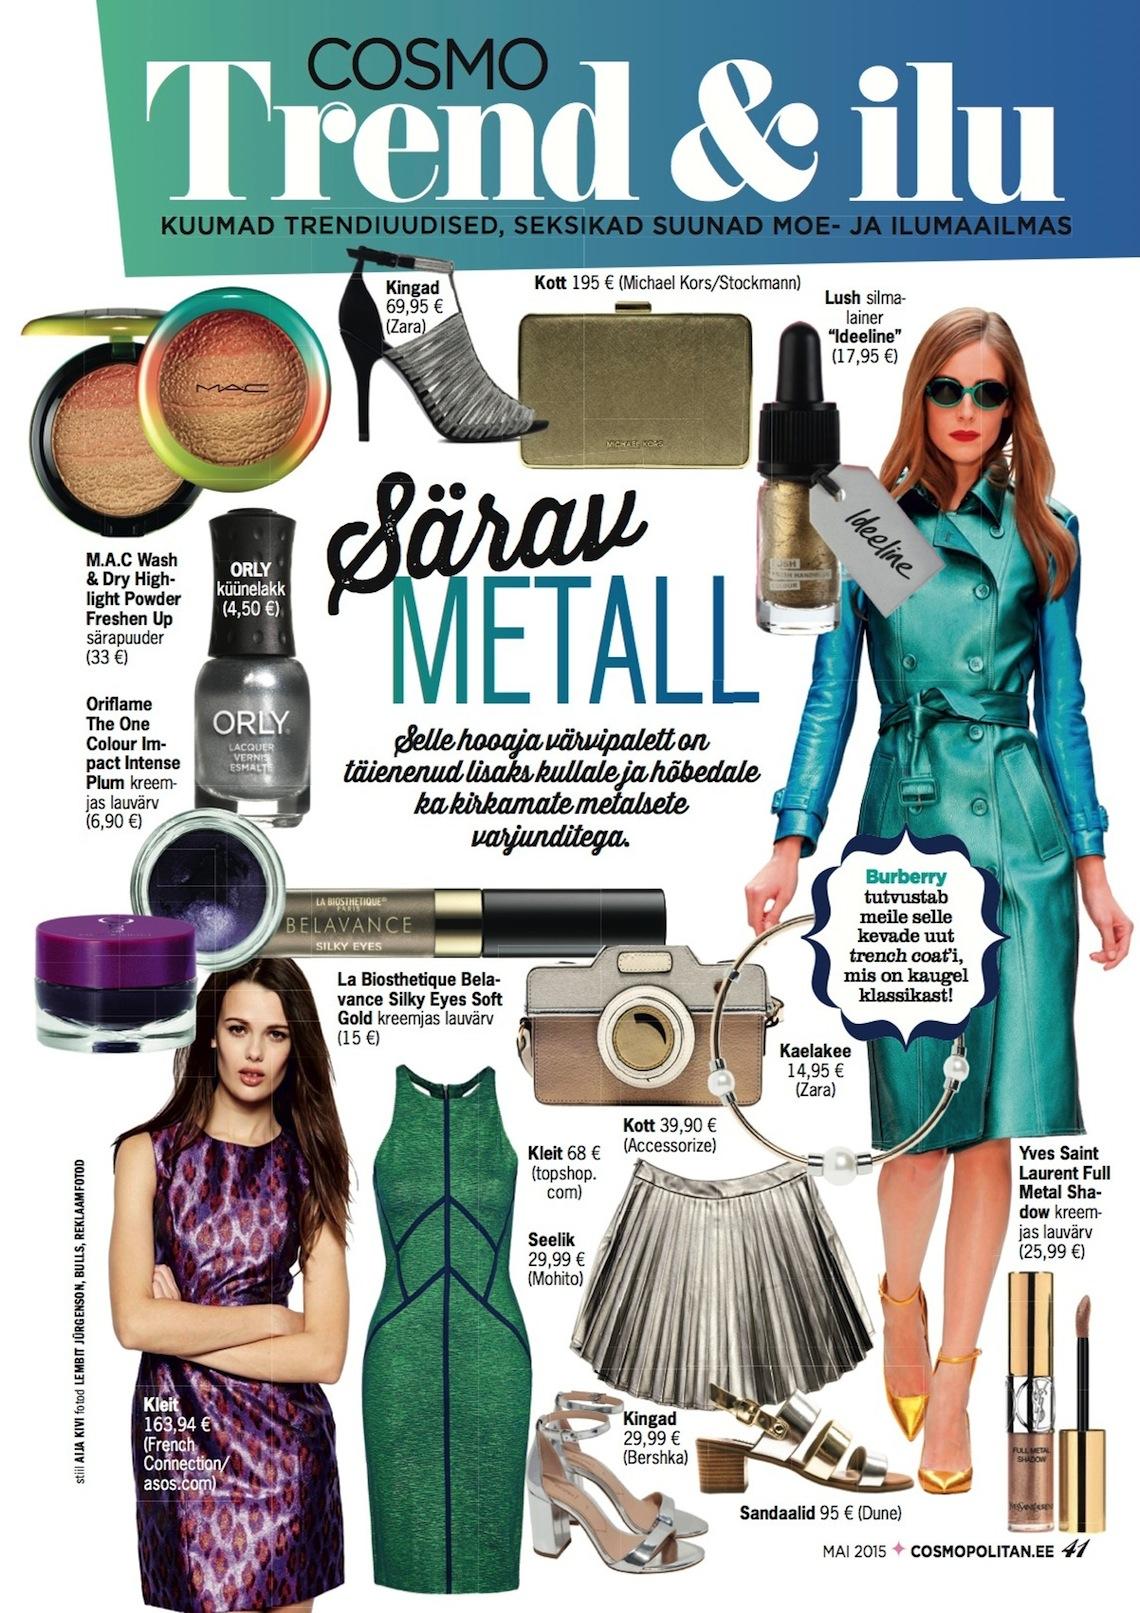 079-aija-kivi-for-cosmopolitan-estonia-magazine-stylist-fashion-editor